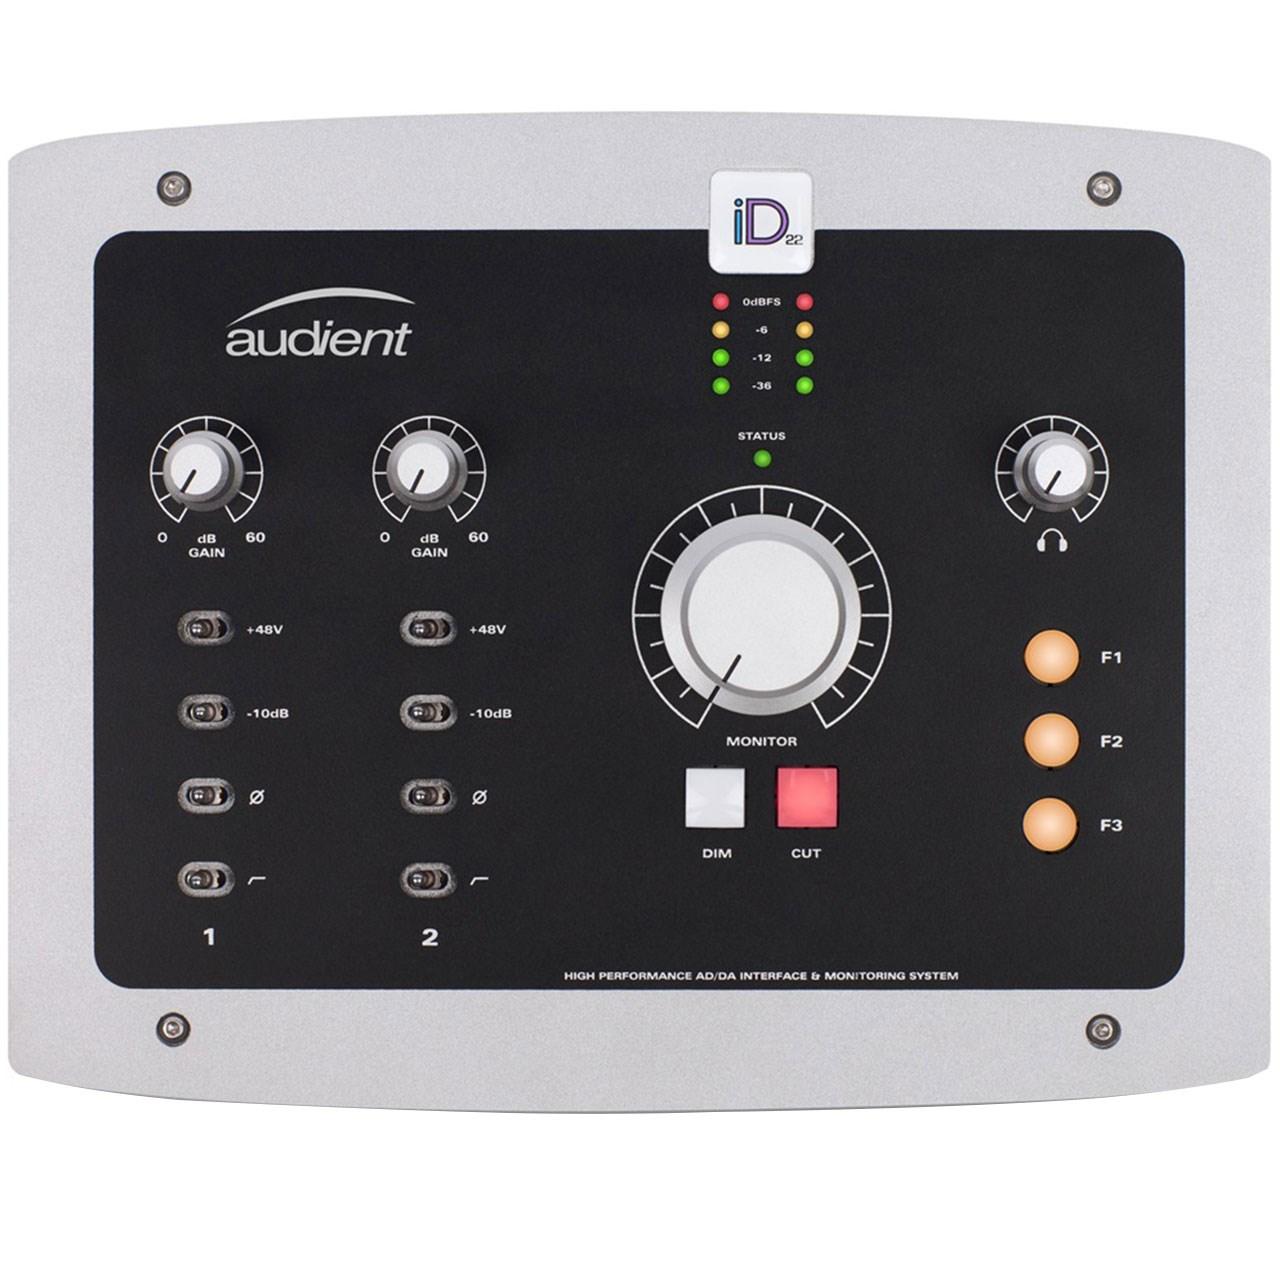 کارت صدای استودیو آدینت مدل ID22